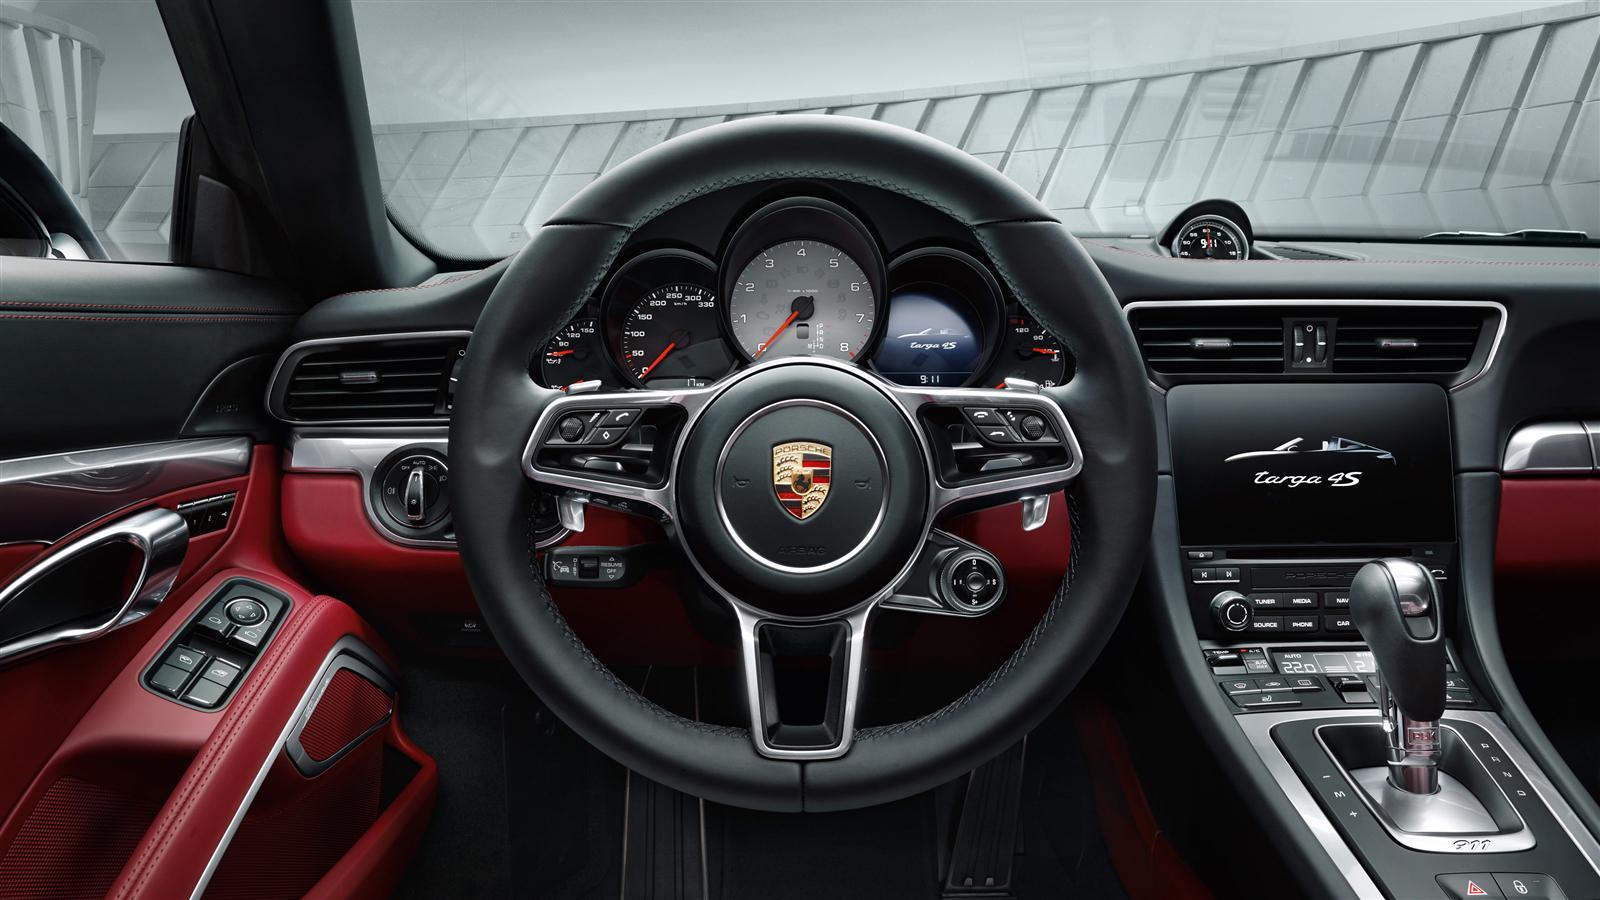 Porsche 911 Turbo S >> PORSCHE 911 Targa 4 (991.2) specs & photos - 2016, 2017, 2018, 2019 - autoevolution